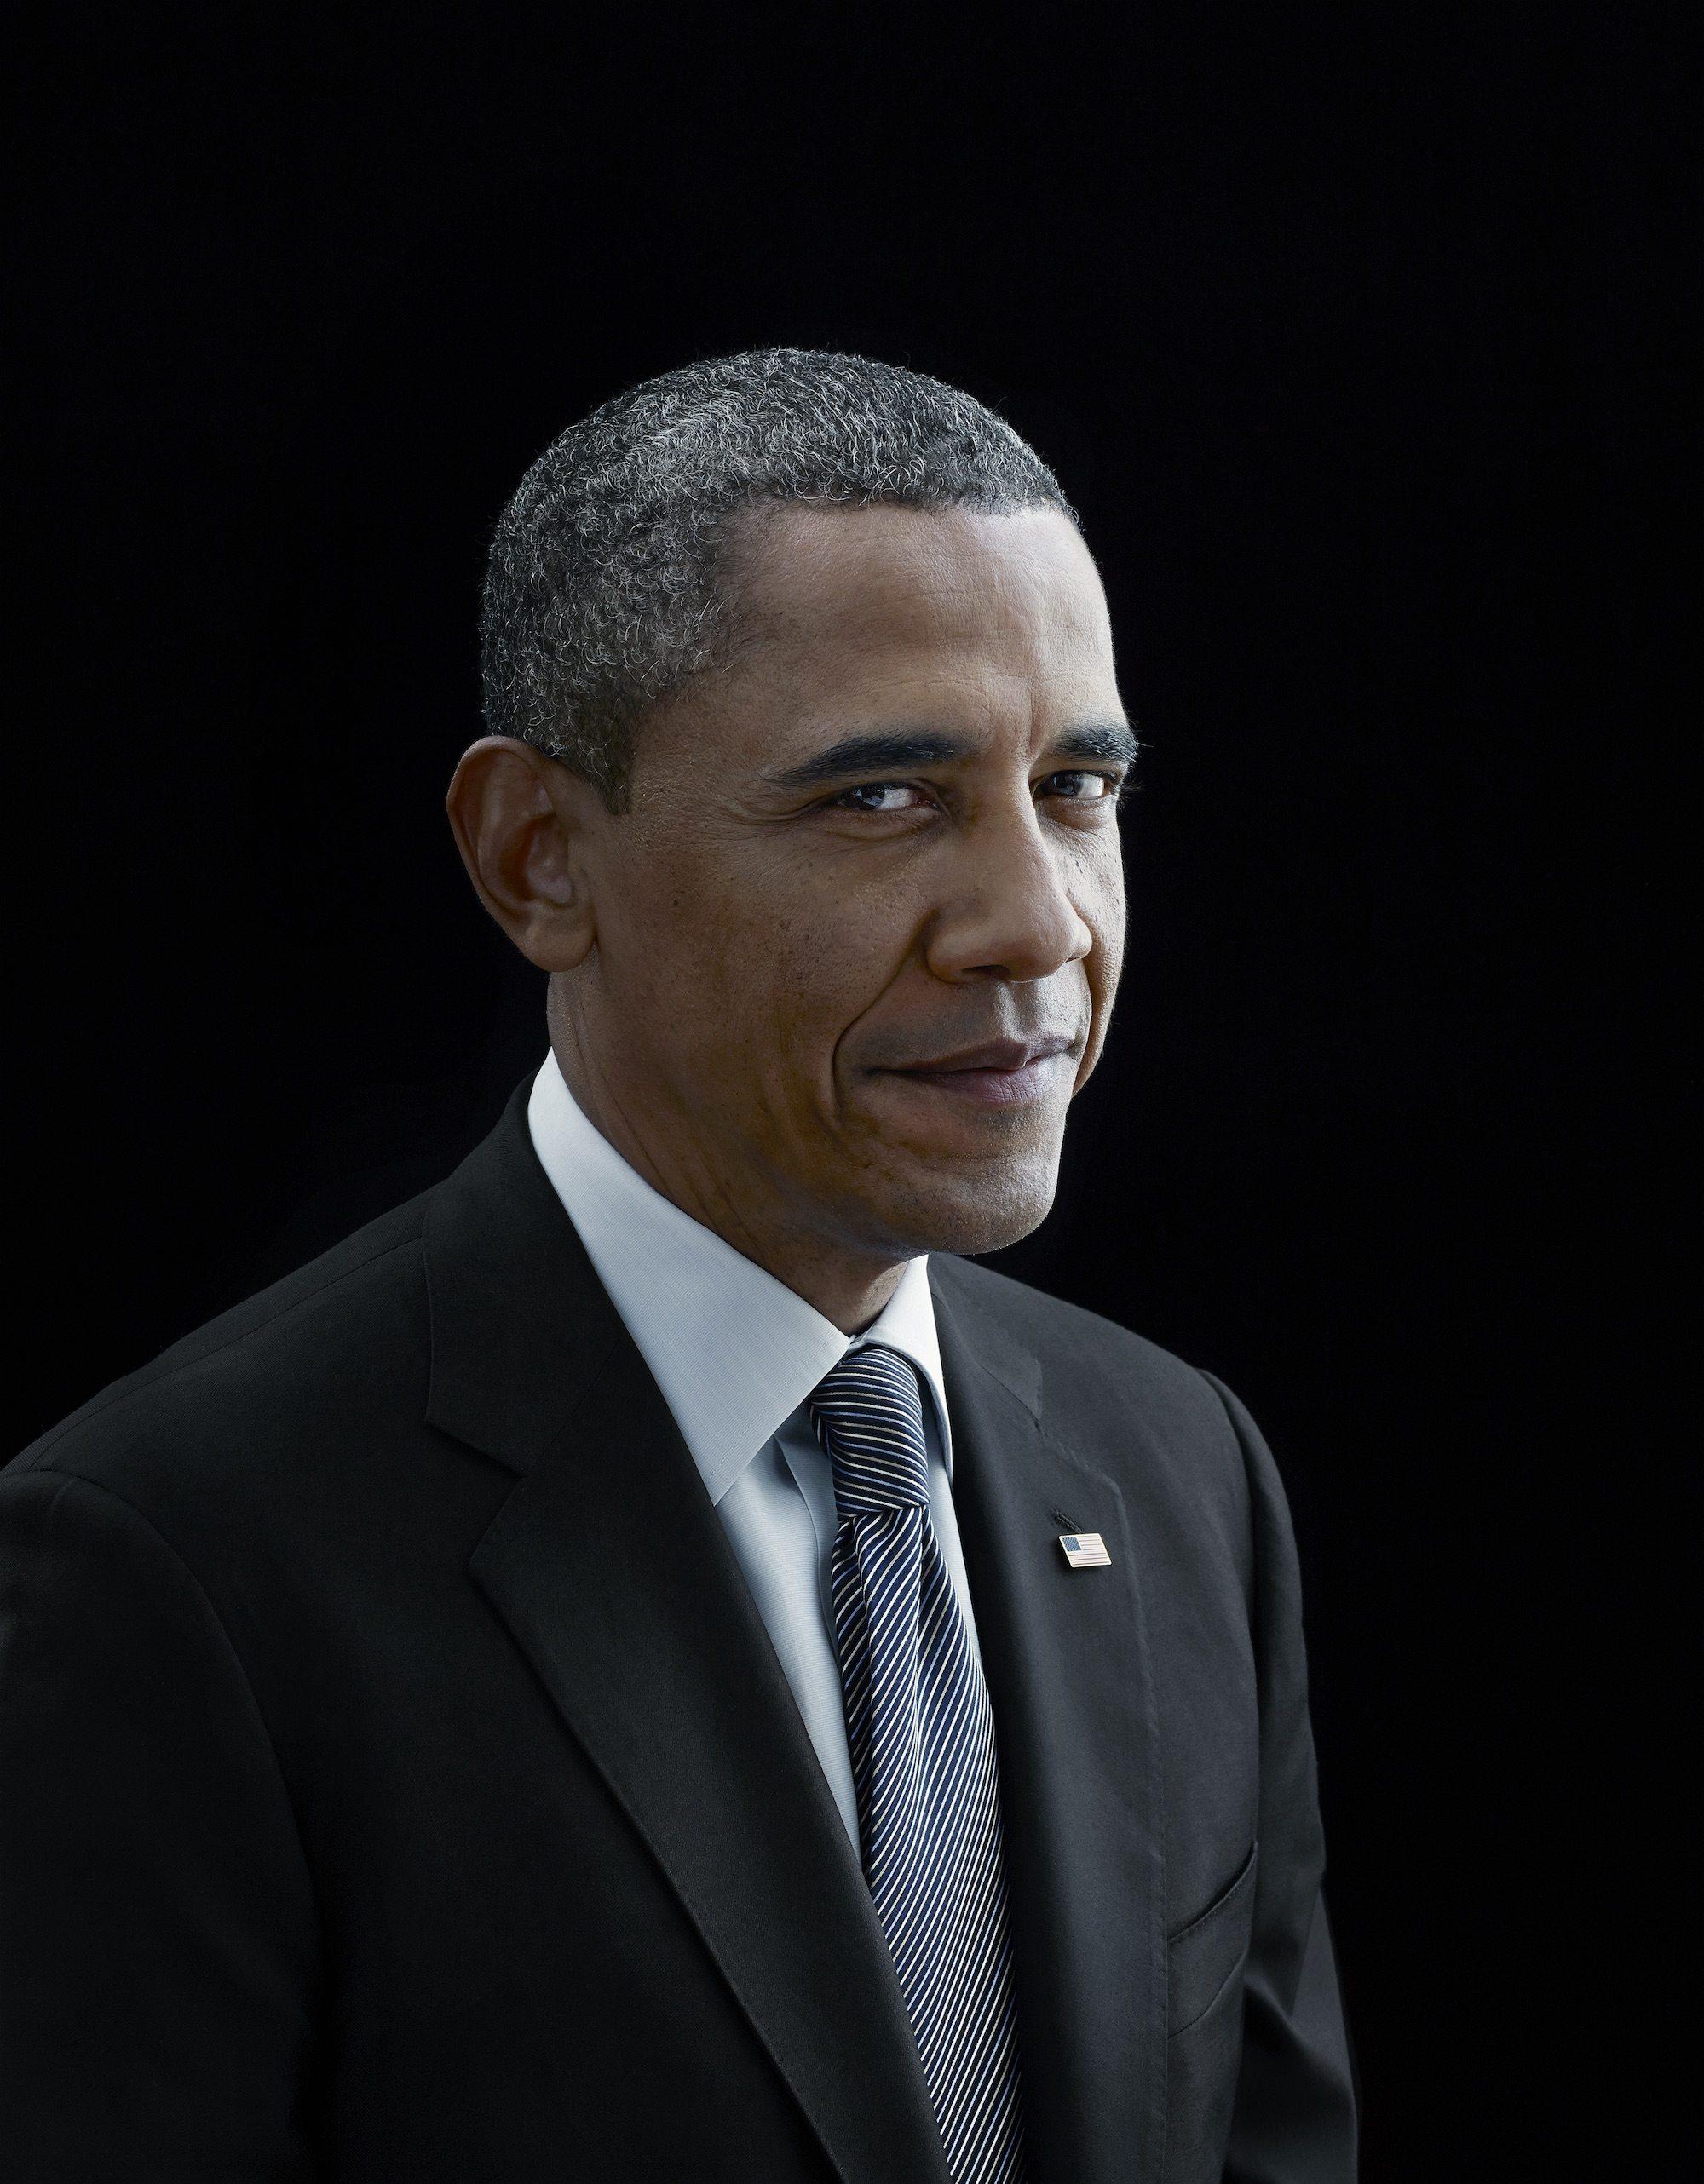 Barack_Obama_Chris_Buck_41715_2_smile_crop_s4_RGB_UNEASY_V5